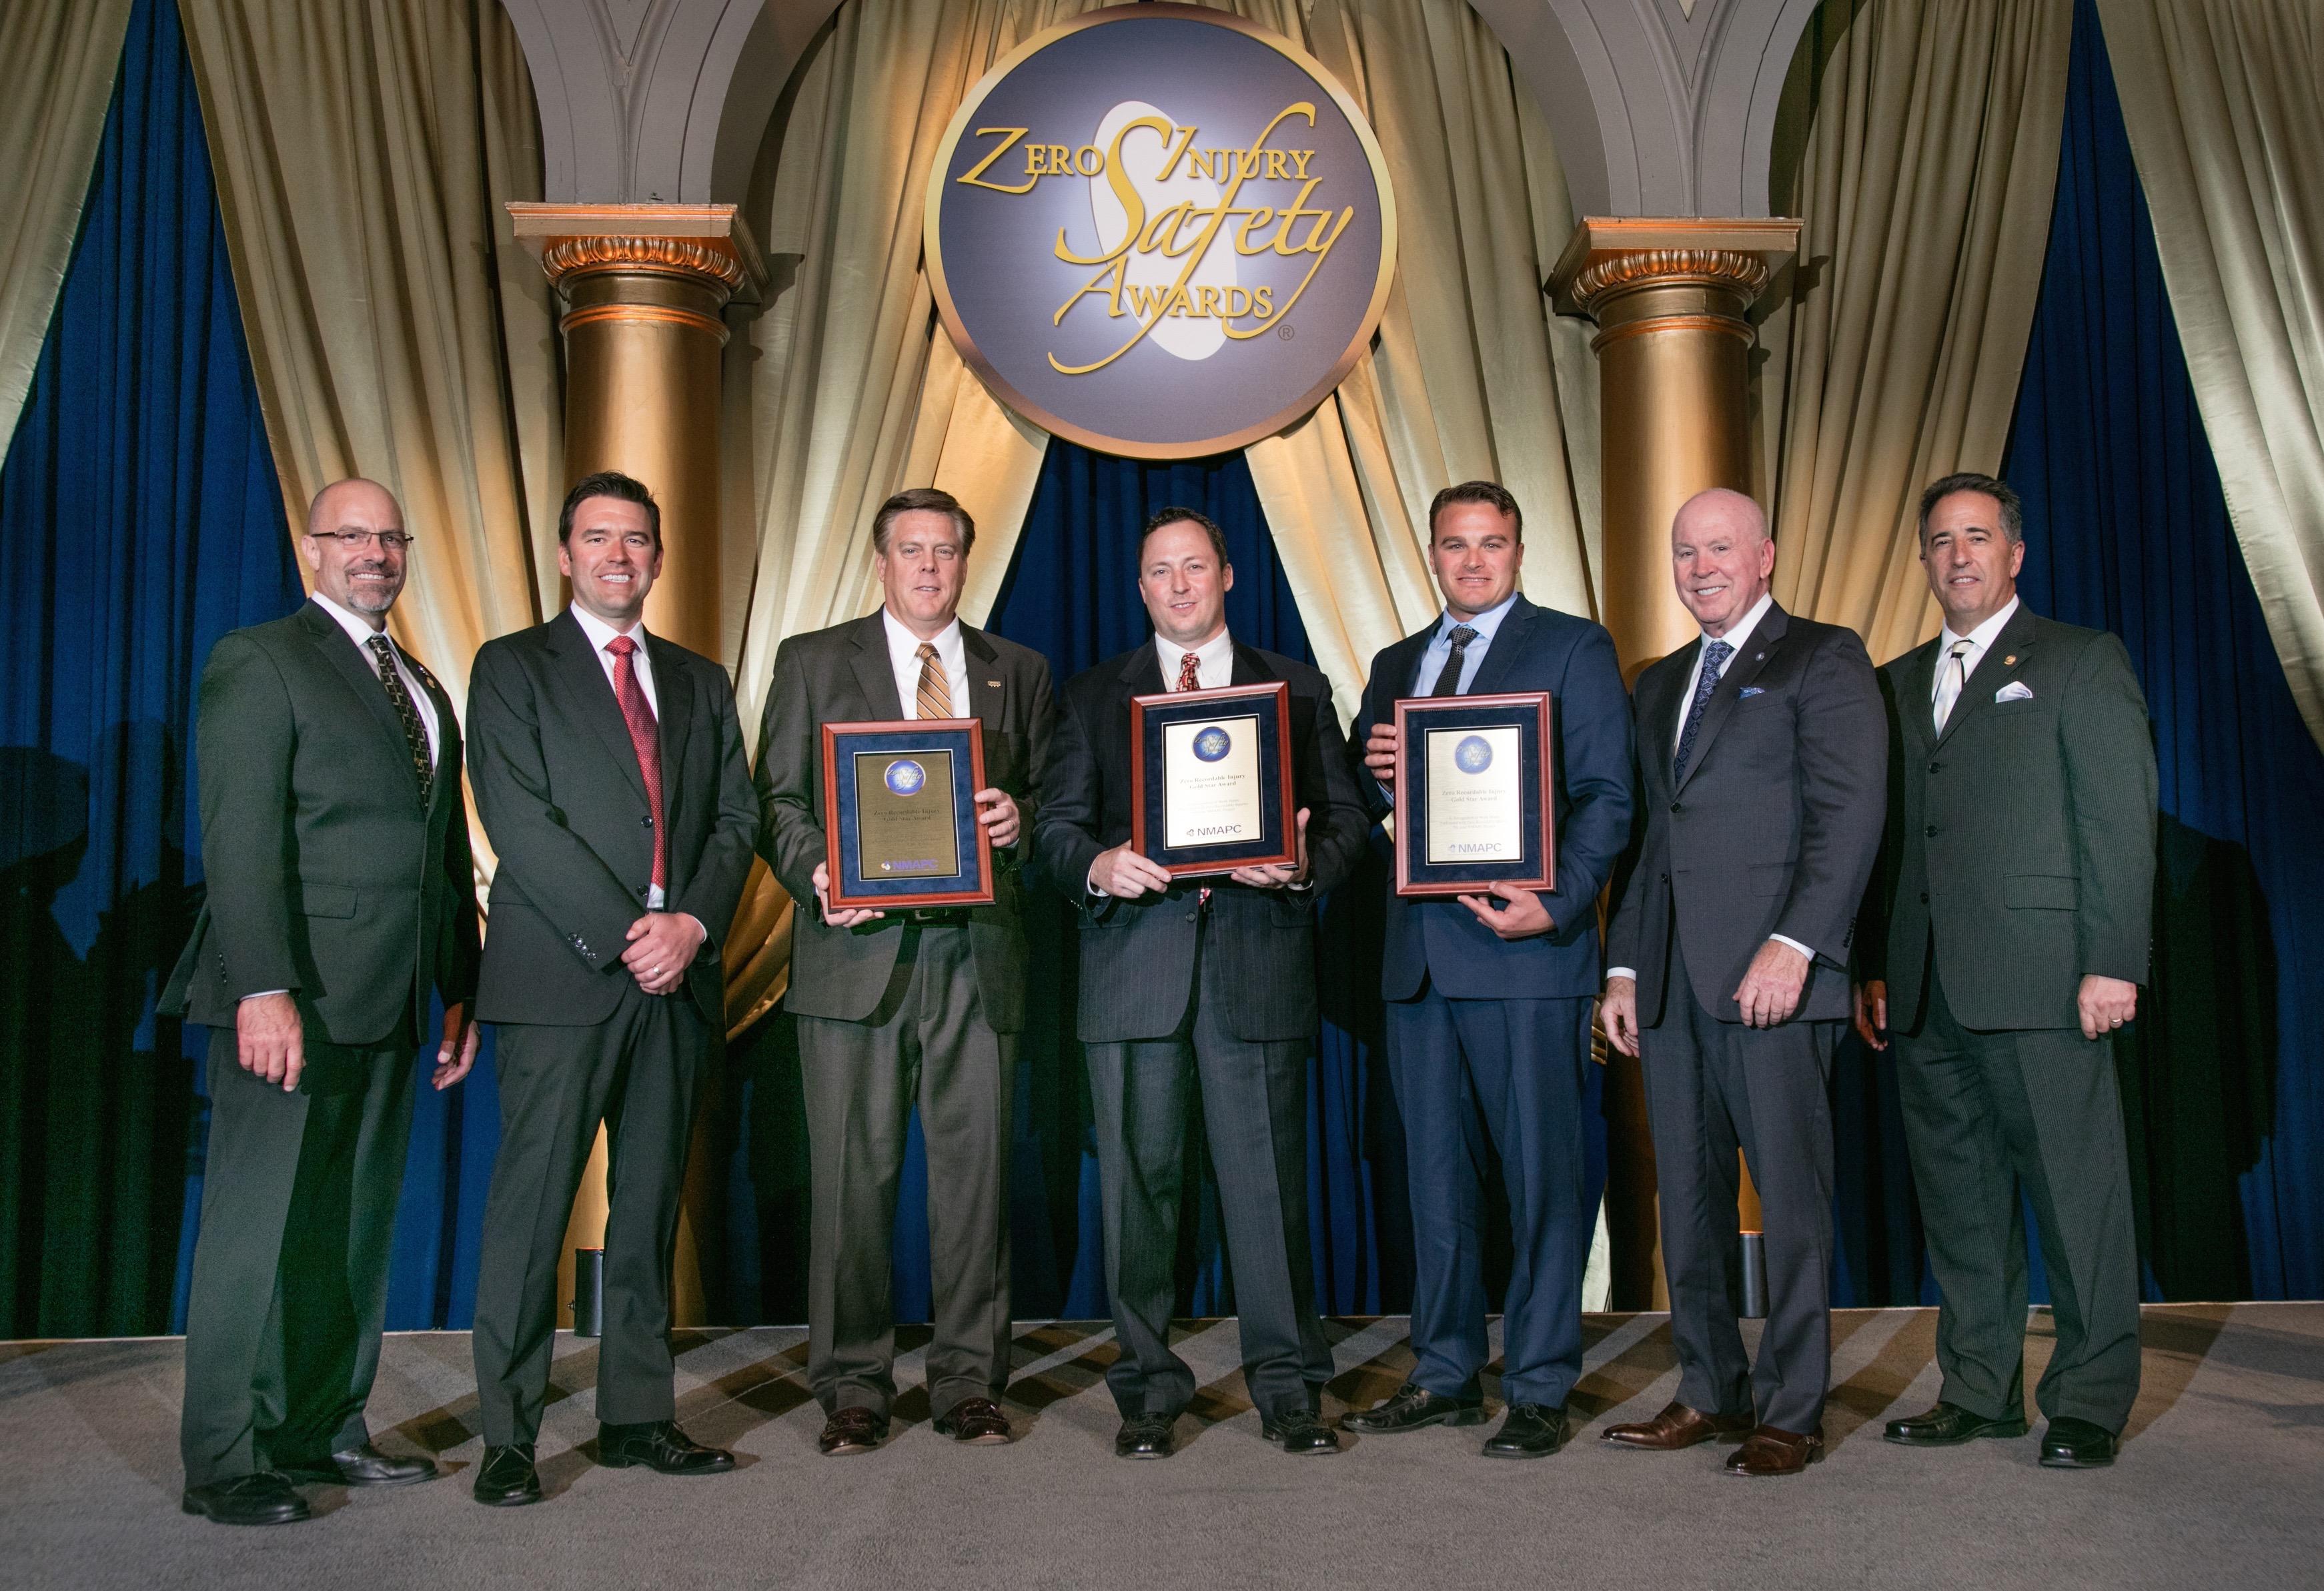 Bmwc Awarded Highest Honor At Zero Injury Safety Awards Gala Bmwc